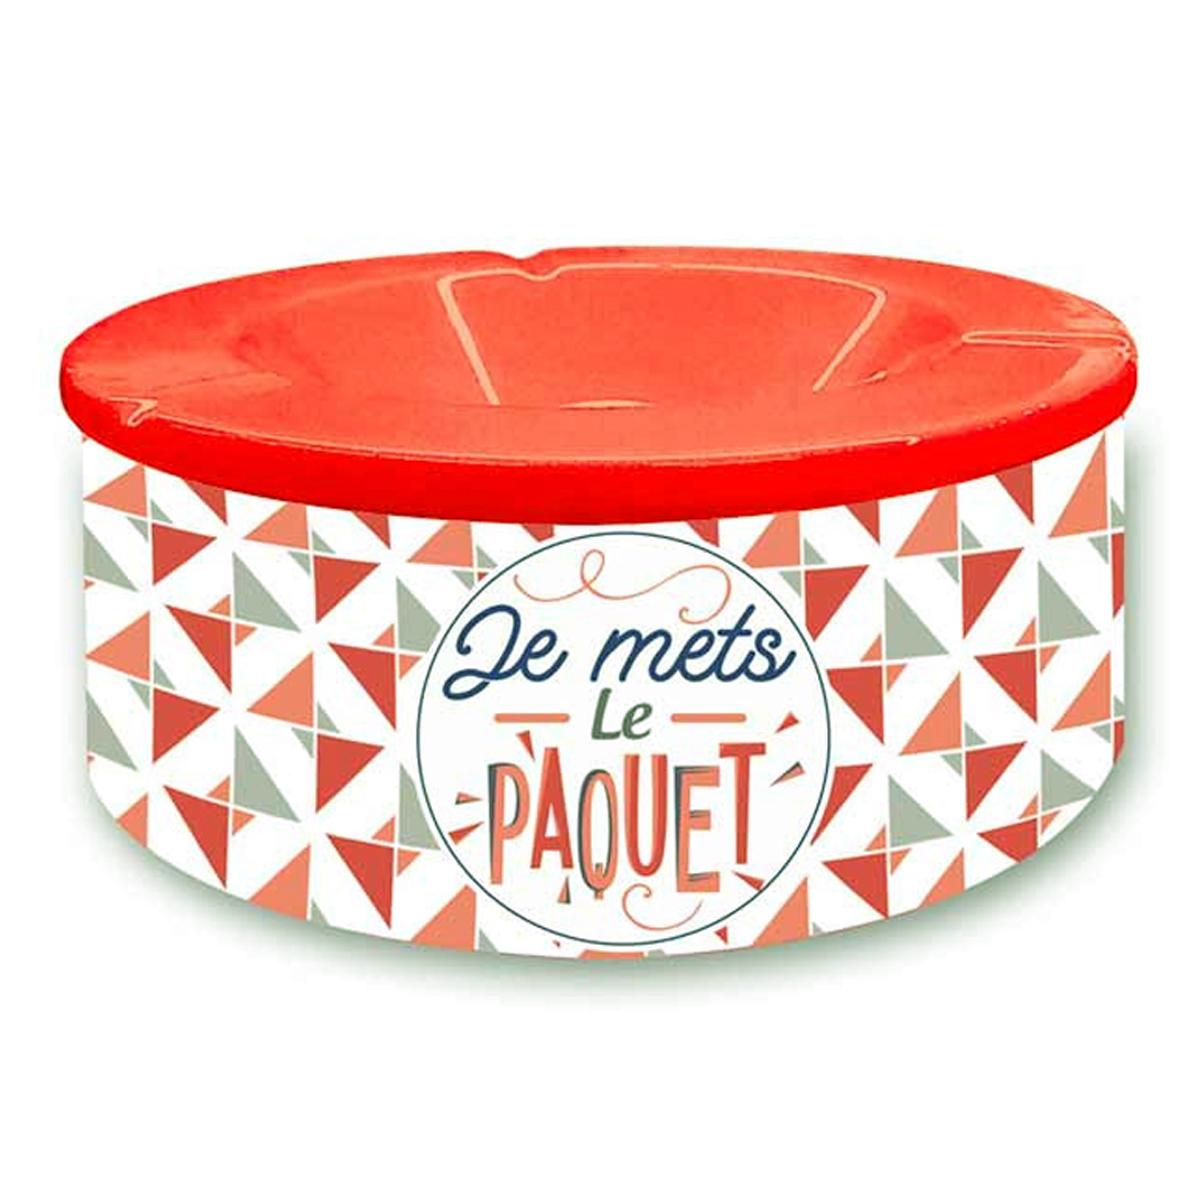 Cendrier marocain céramique \'Messages\' orange gris (Je mets le Paquet) - 10x7 cm - [Q8343]